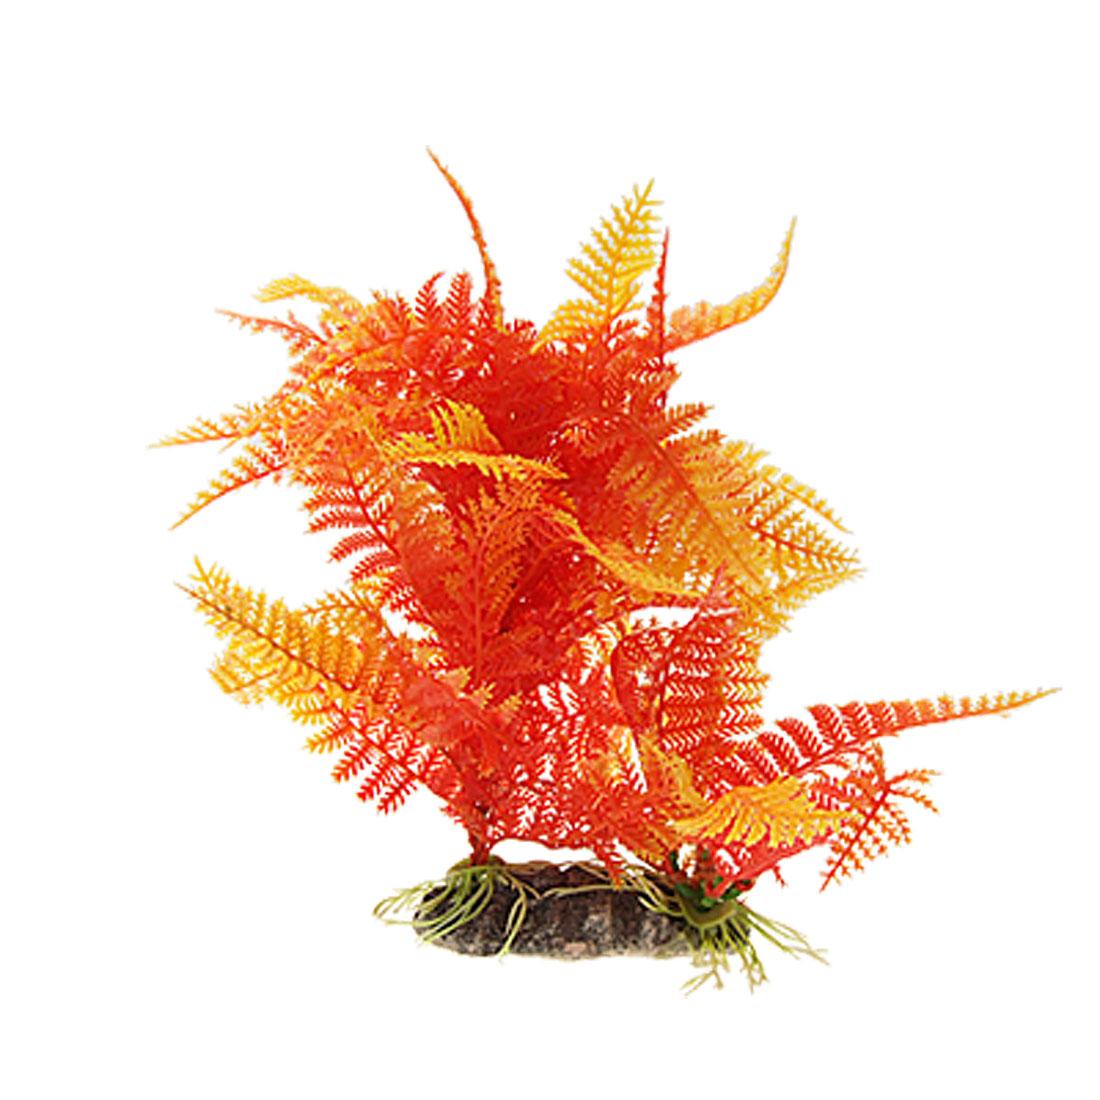 Lifelike Fish Tank Underwater Plastic Aquarium Decor Plant